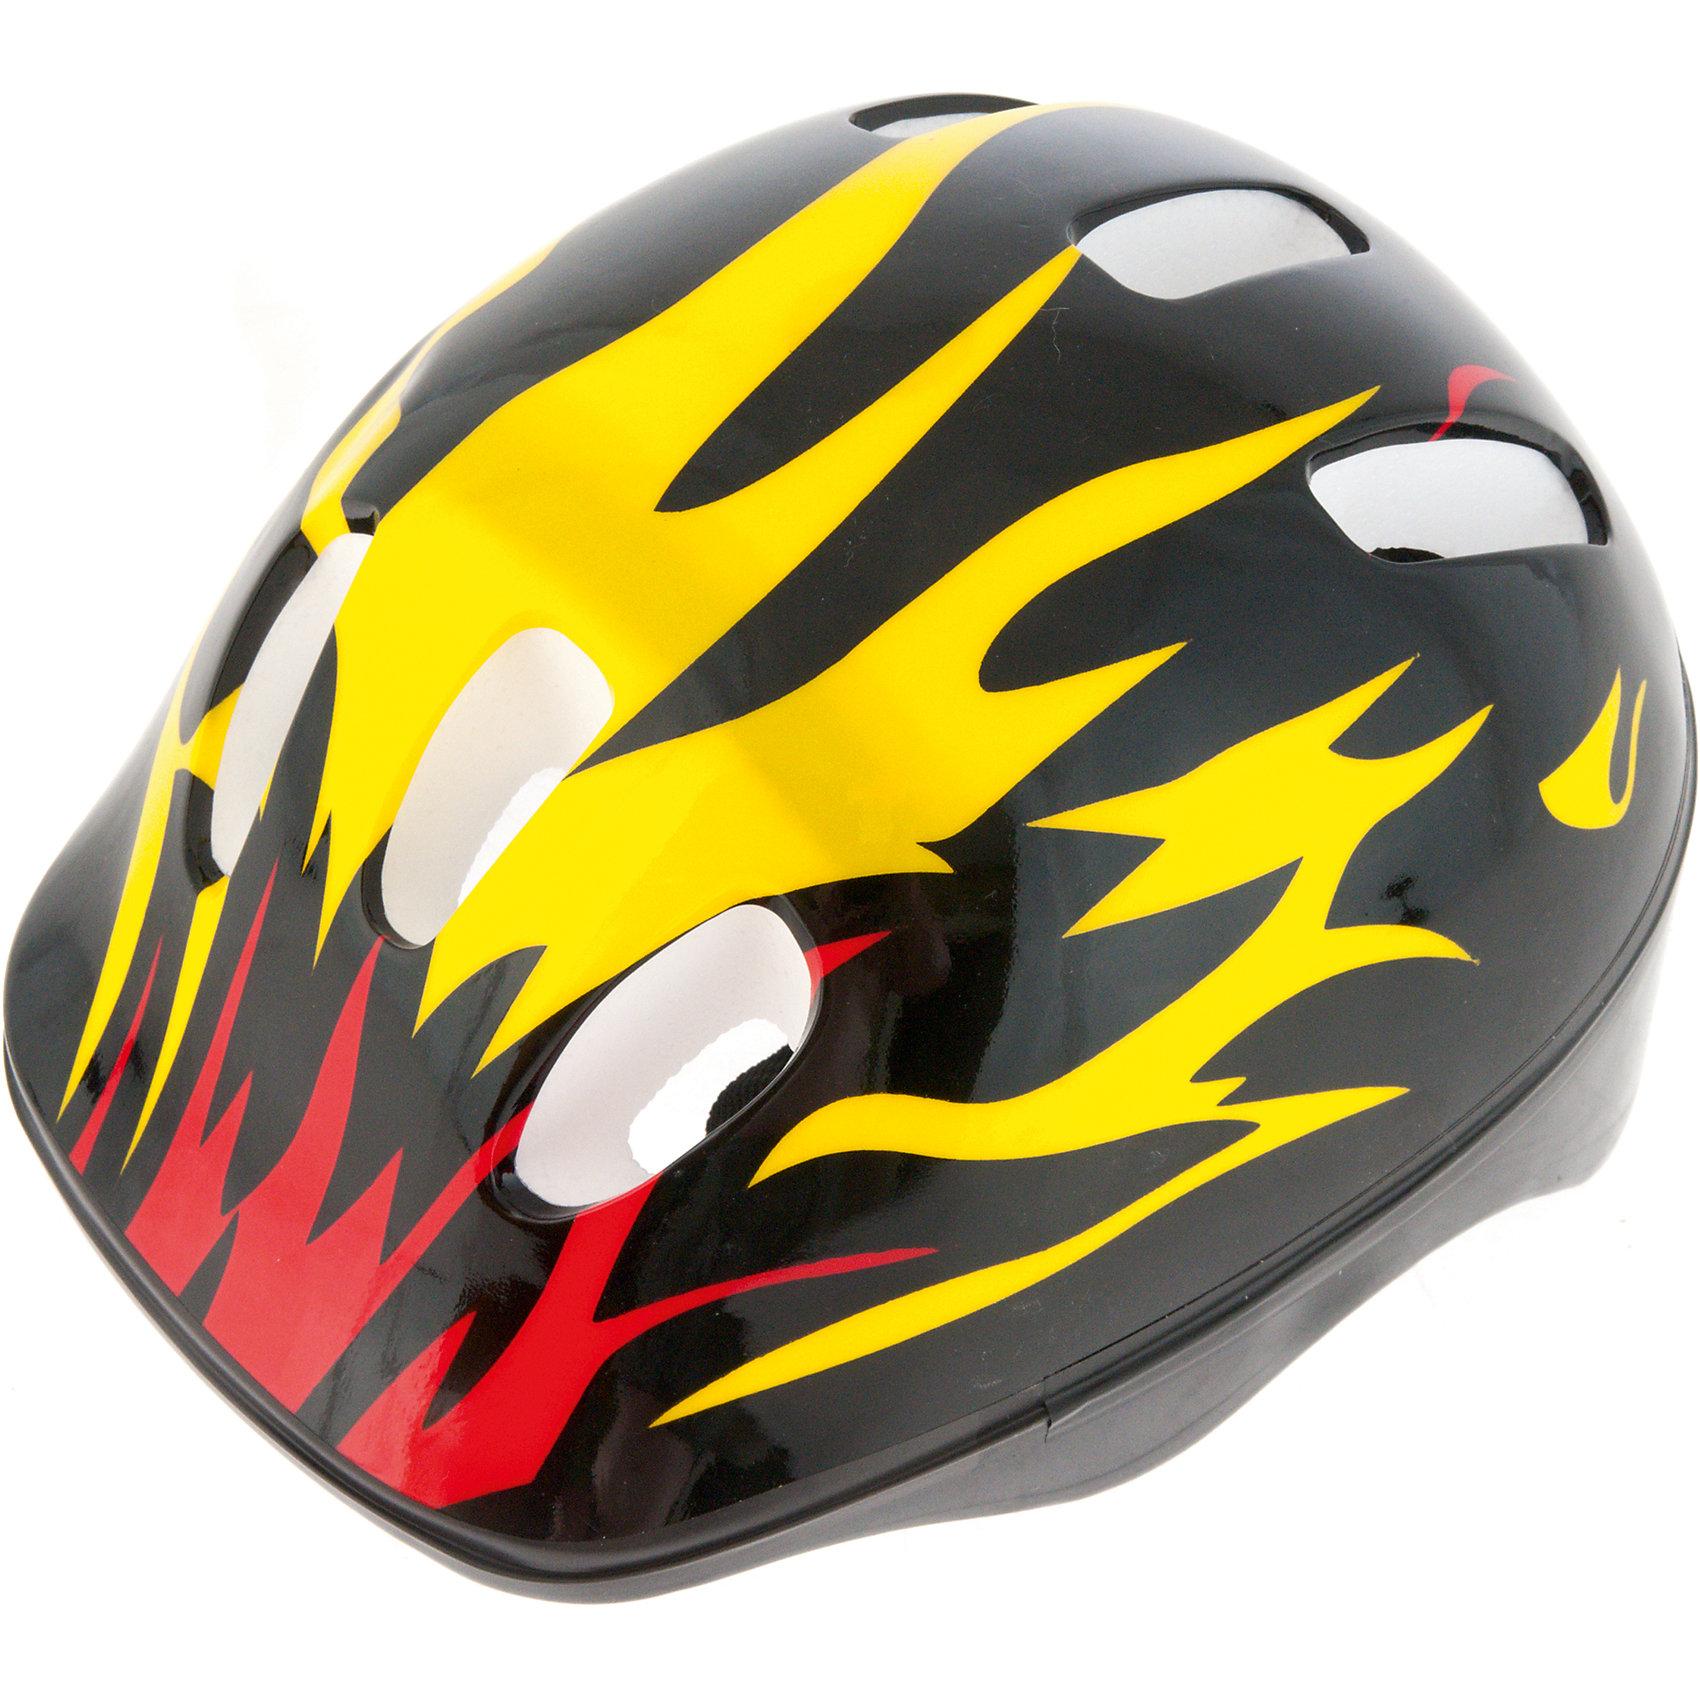 Шлем защитный детский Flame, желтый/красный, размер S, Hubster